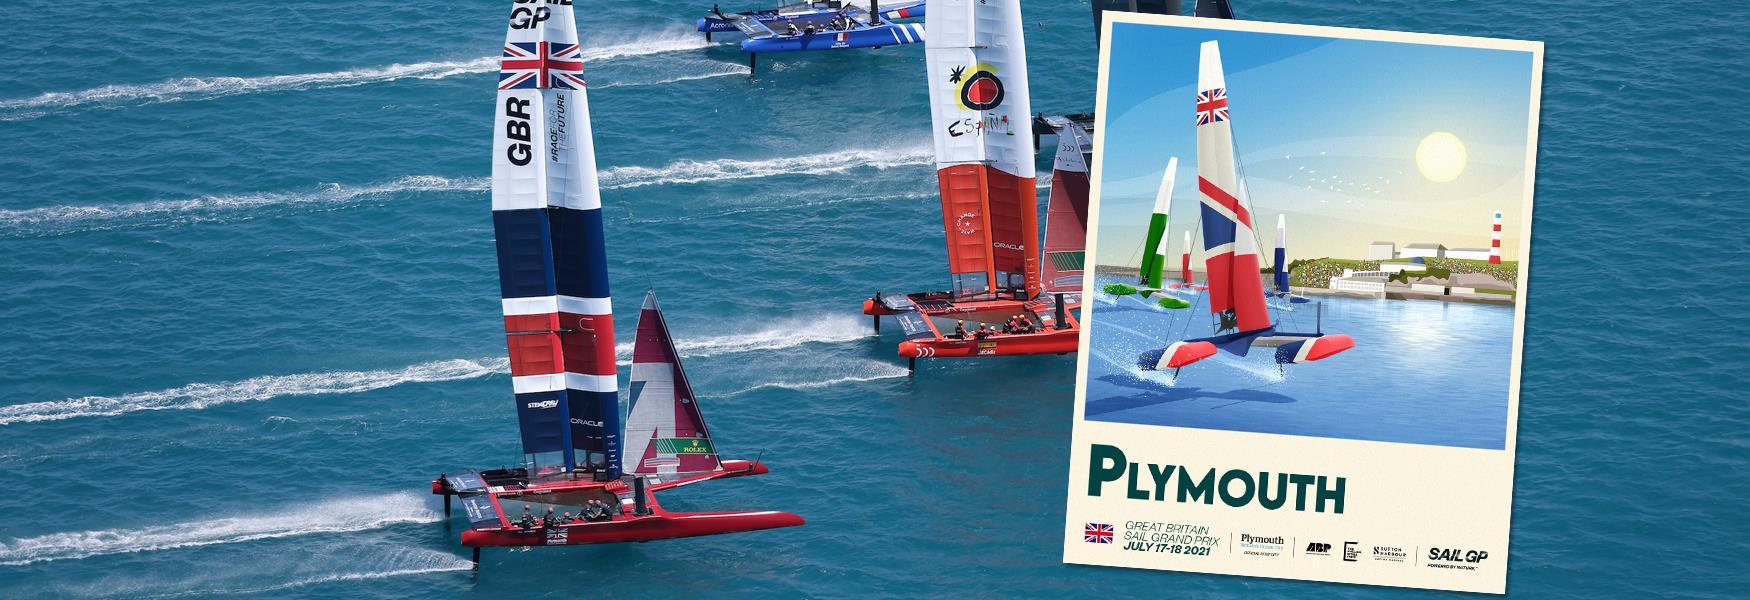 SailGP photo and poster